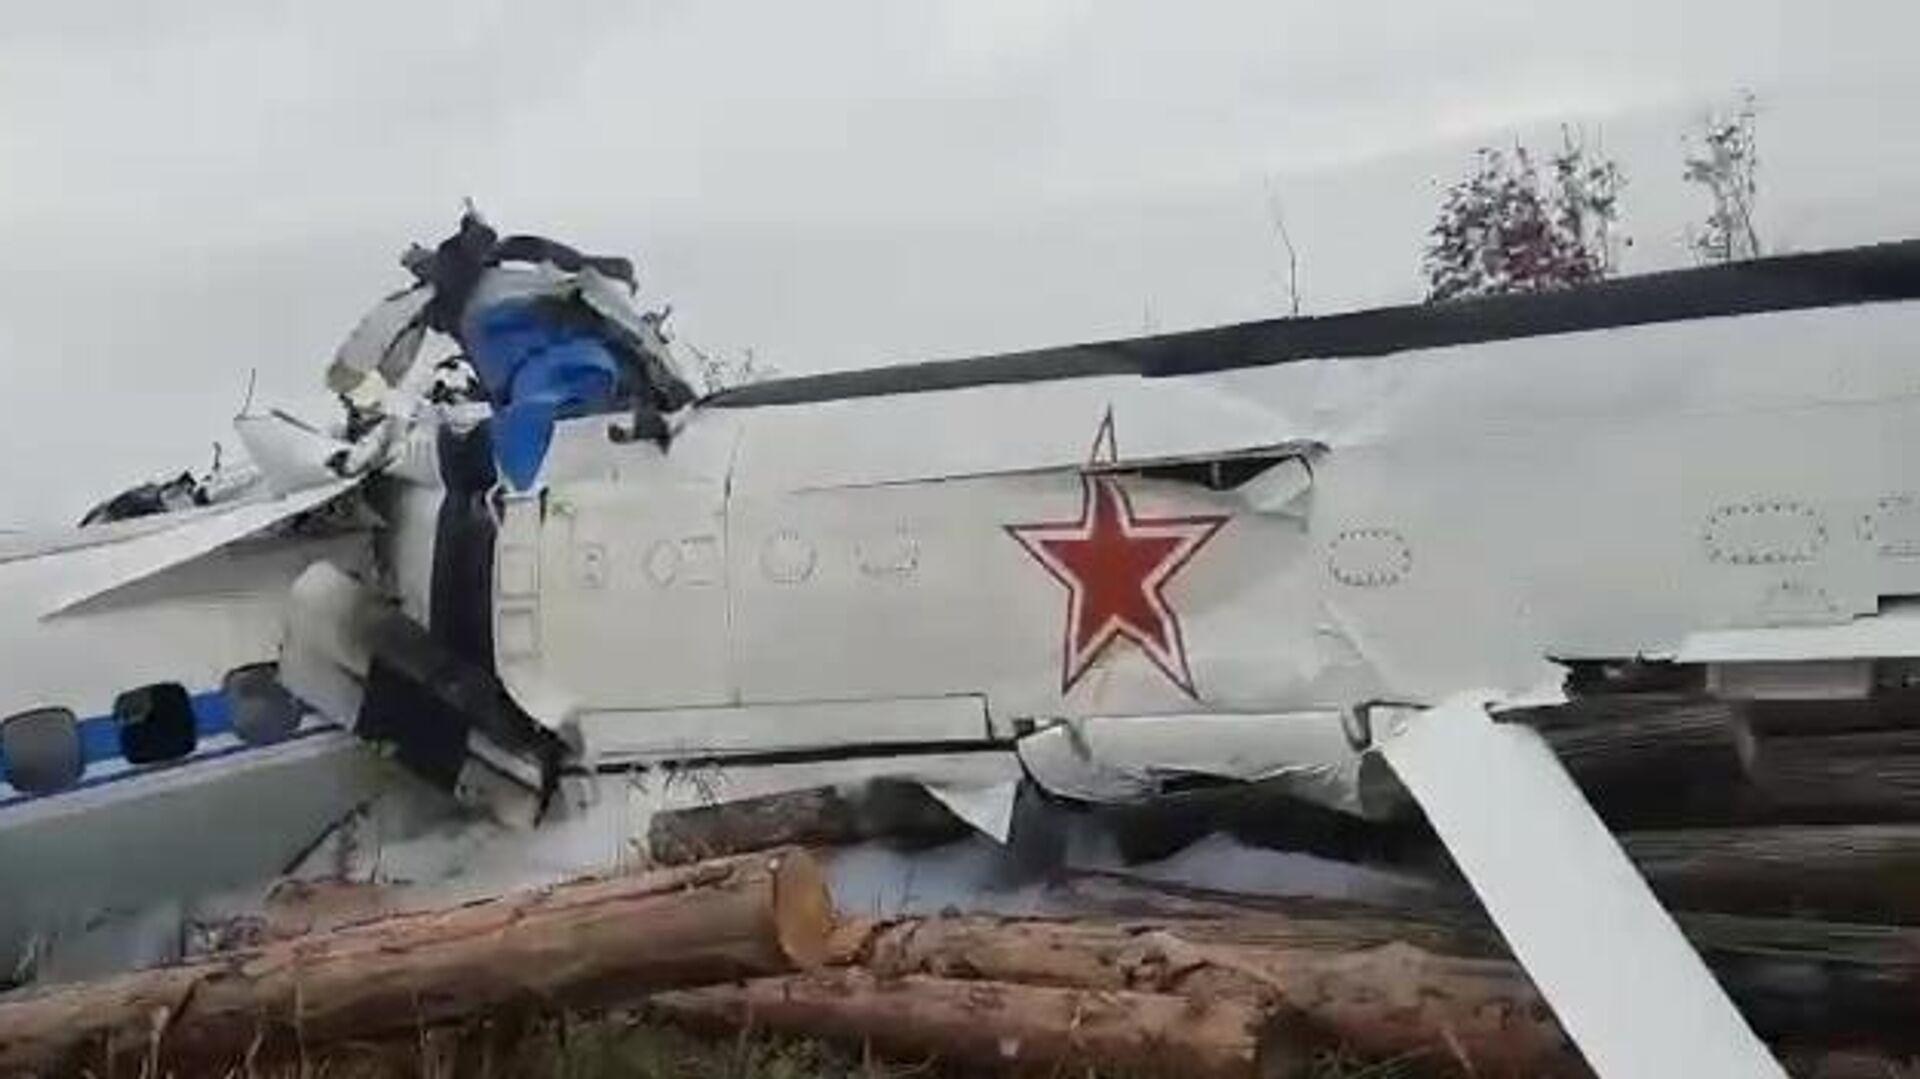 Крушение самолета L-410 под Мензелинском - Sputnik Беларусь, 1920, 11.10.2021